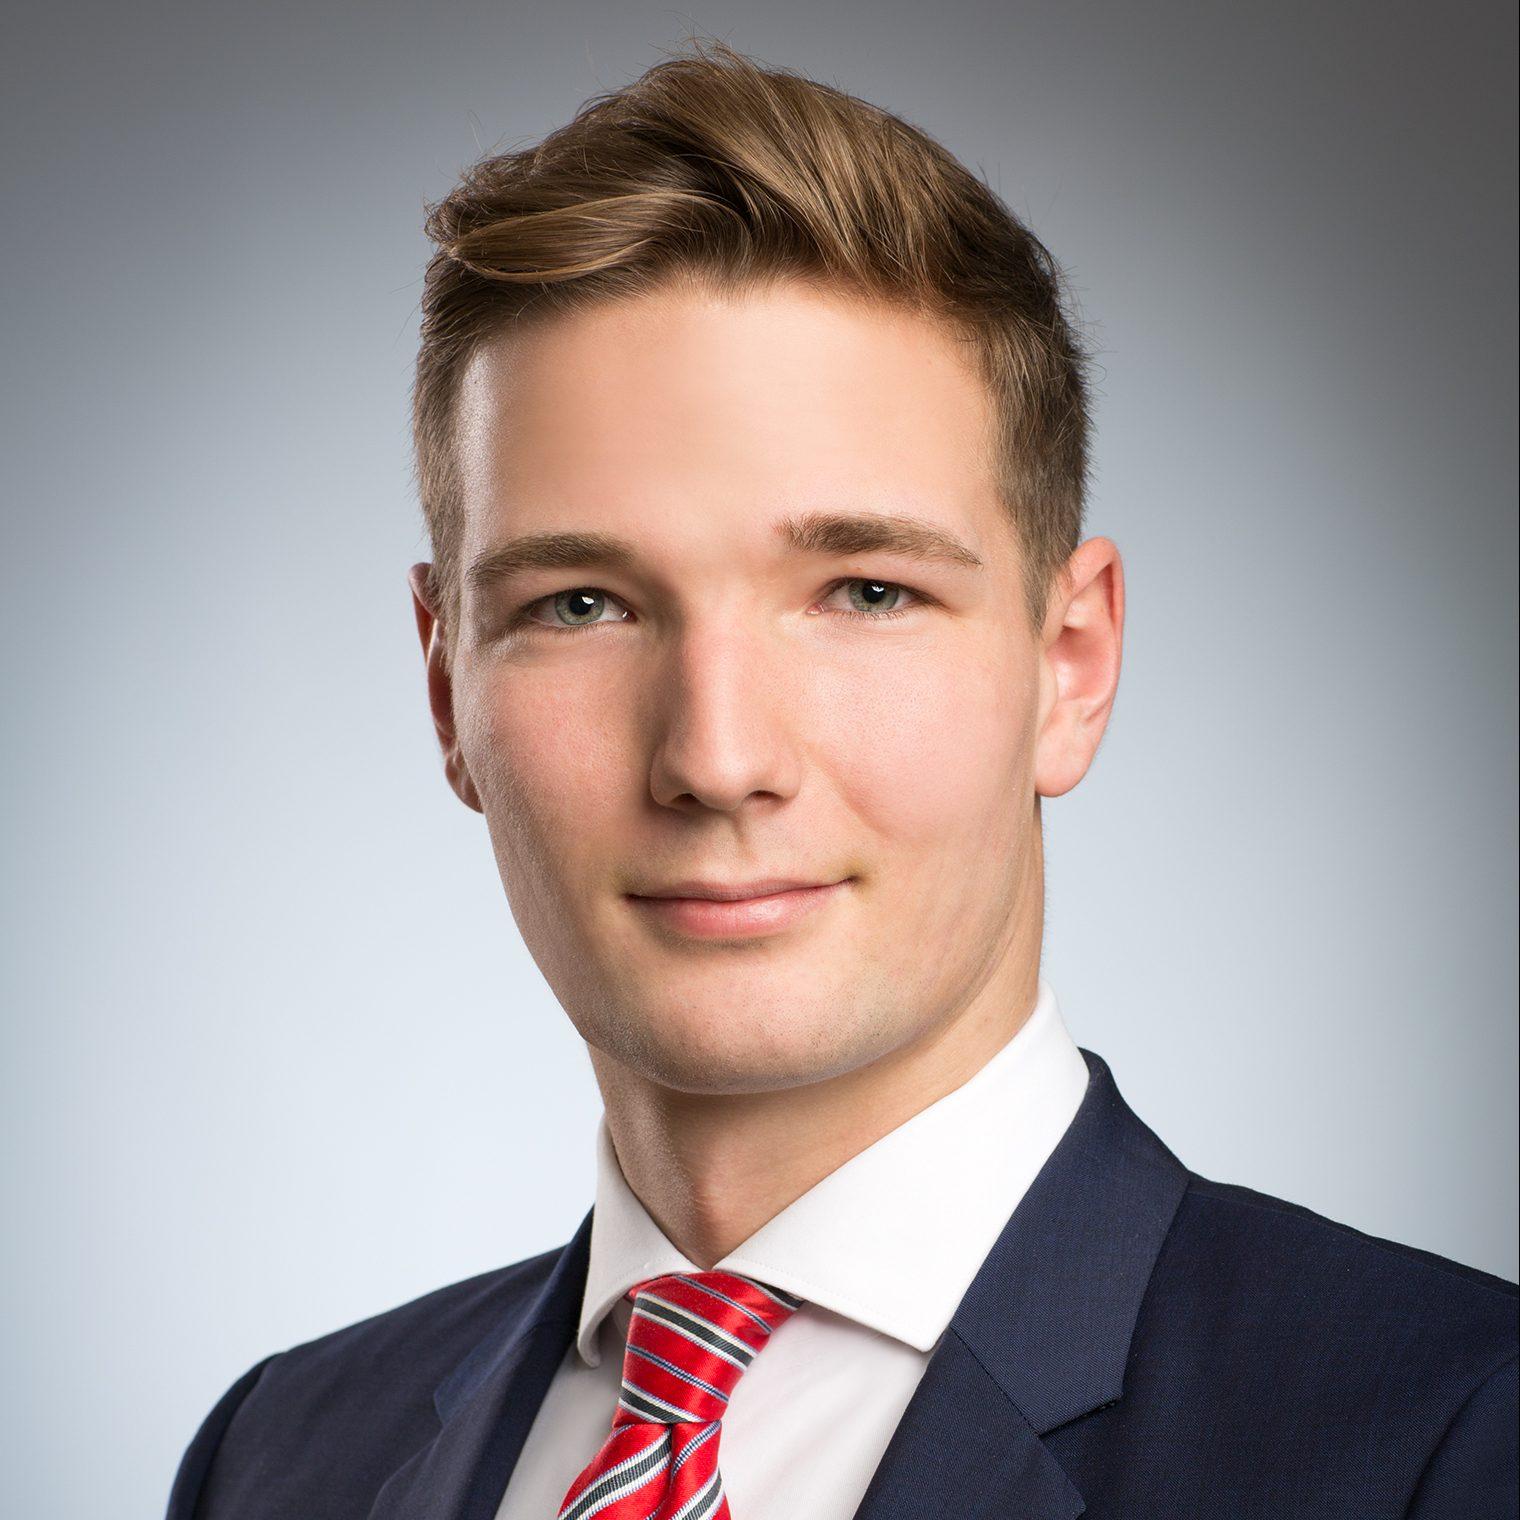 Heinrich Wüster, B.Sc.